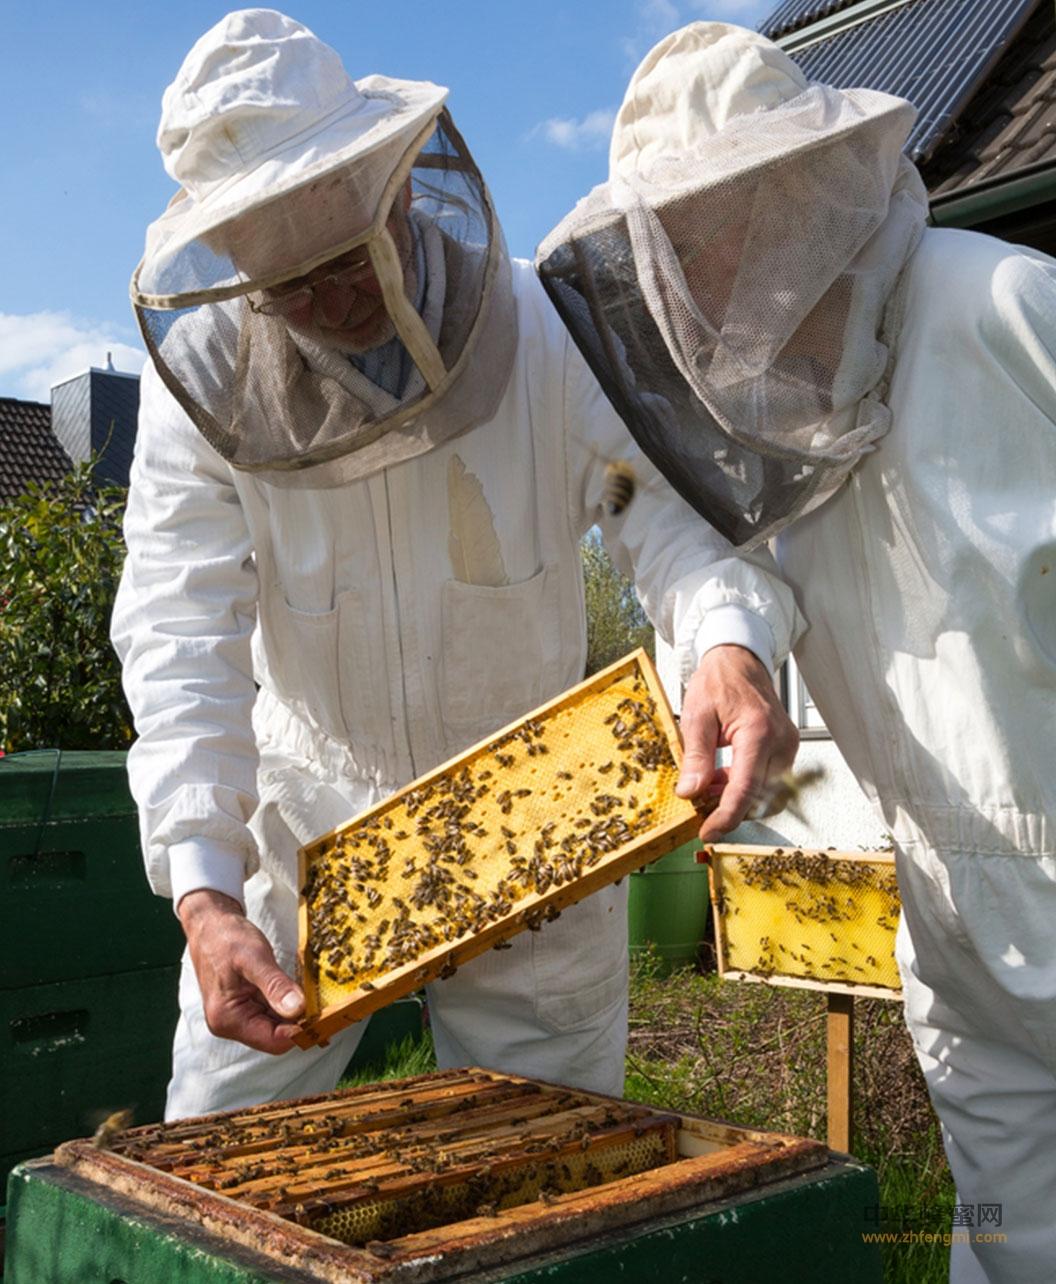 养蜂人 美国养蜂人 迈克·巴雷特 蜜蜂 蜂蜜